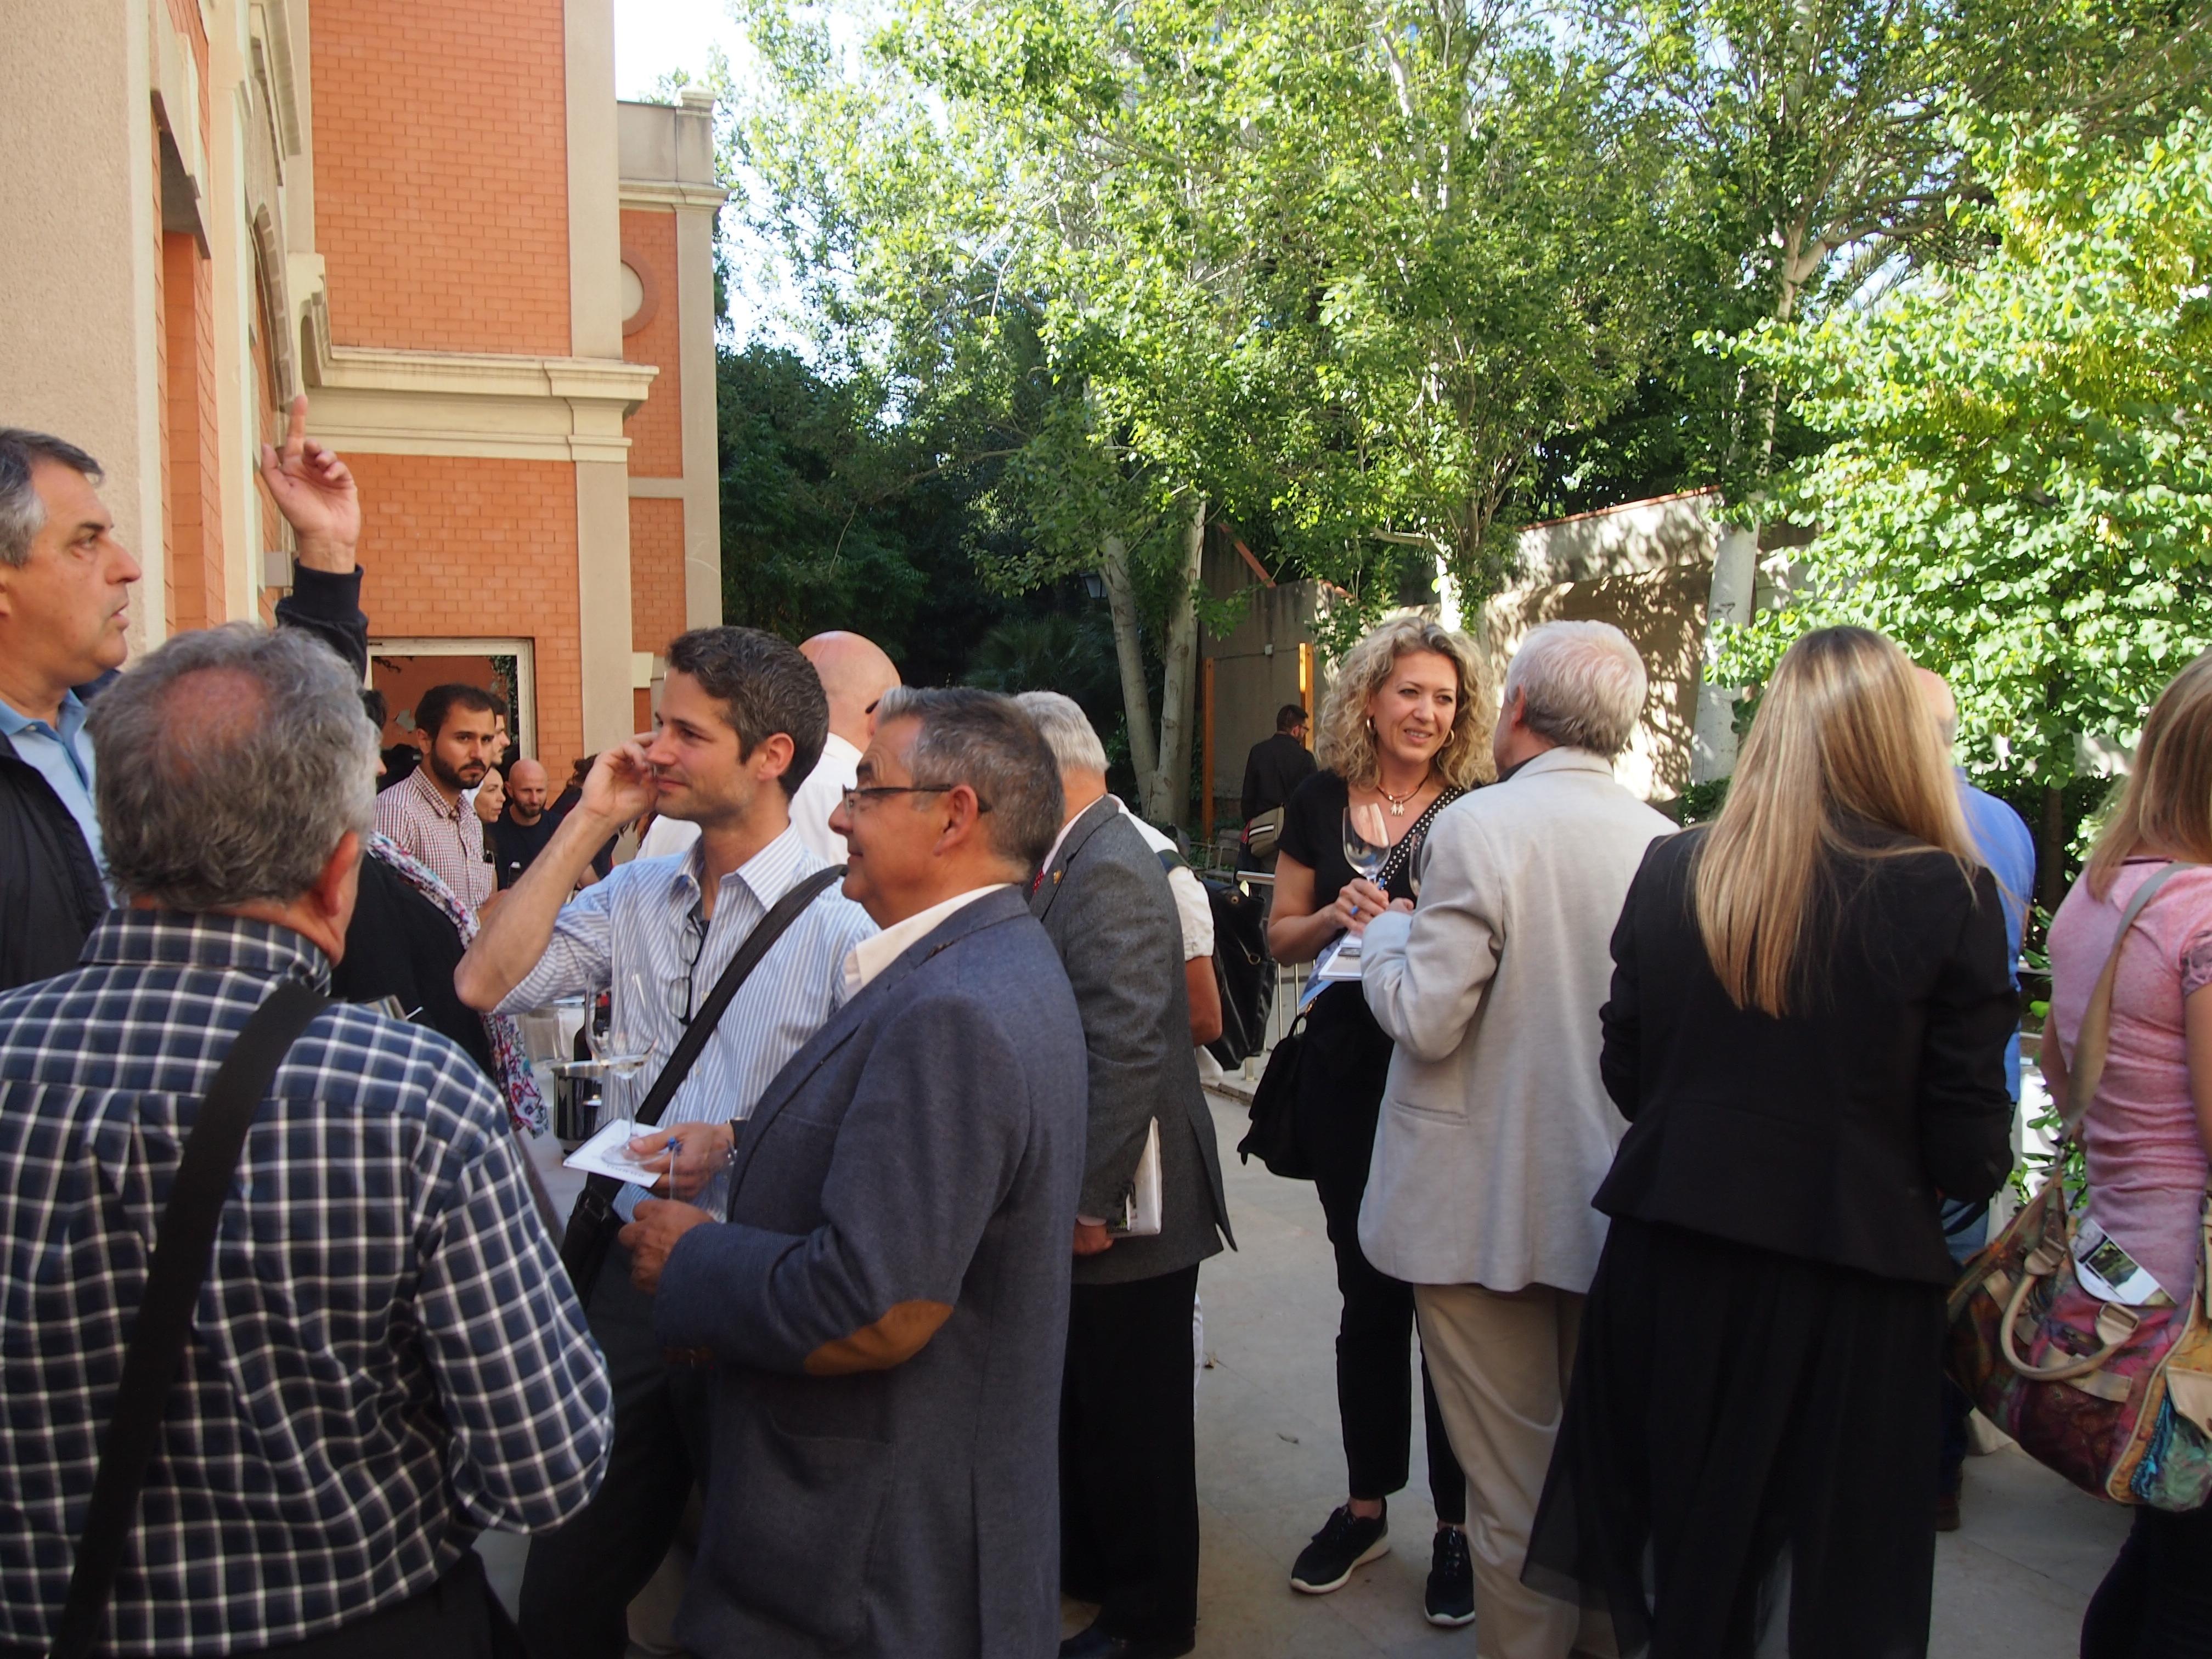 Més de 250 professionals tasten els vins DO Alella a Barcelona